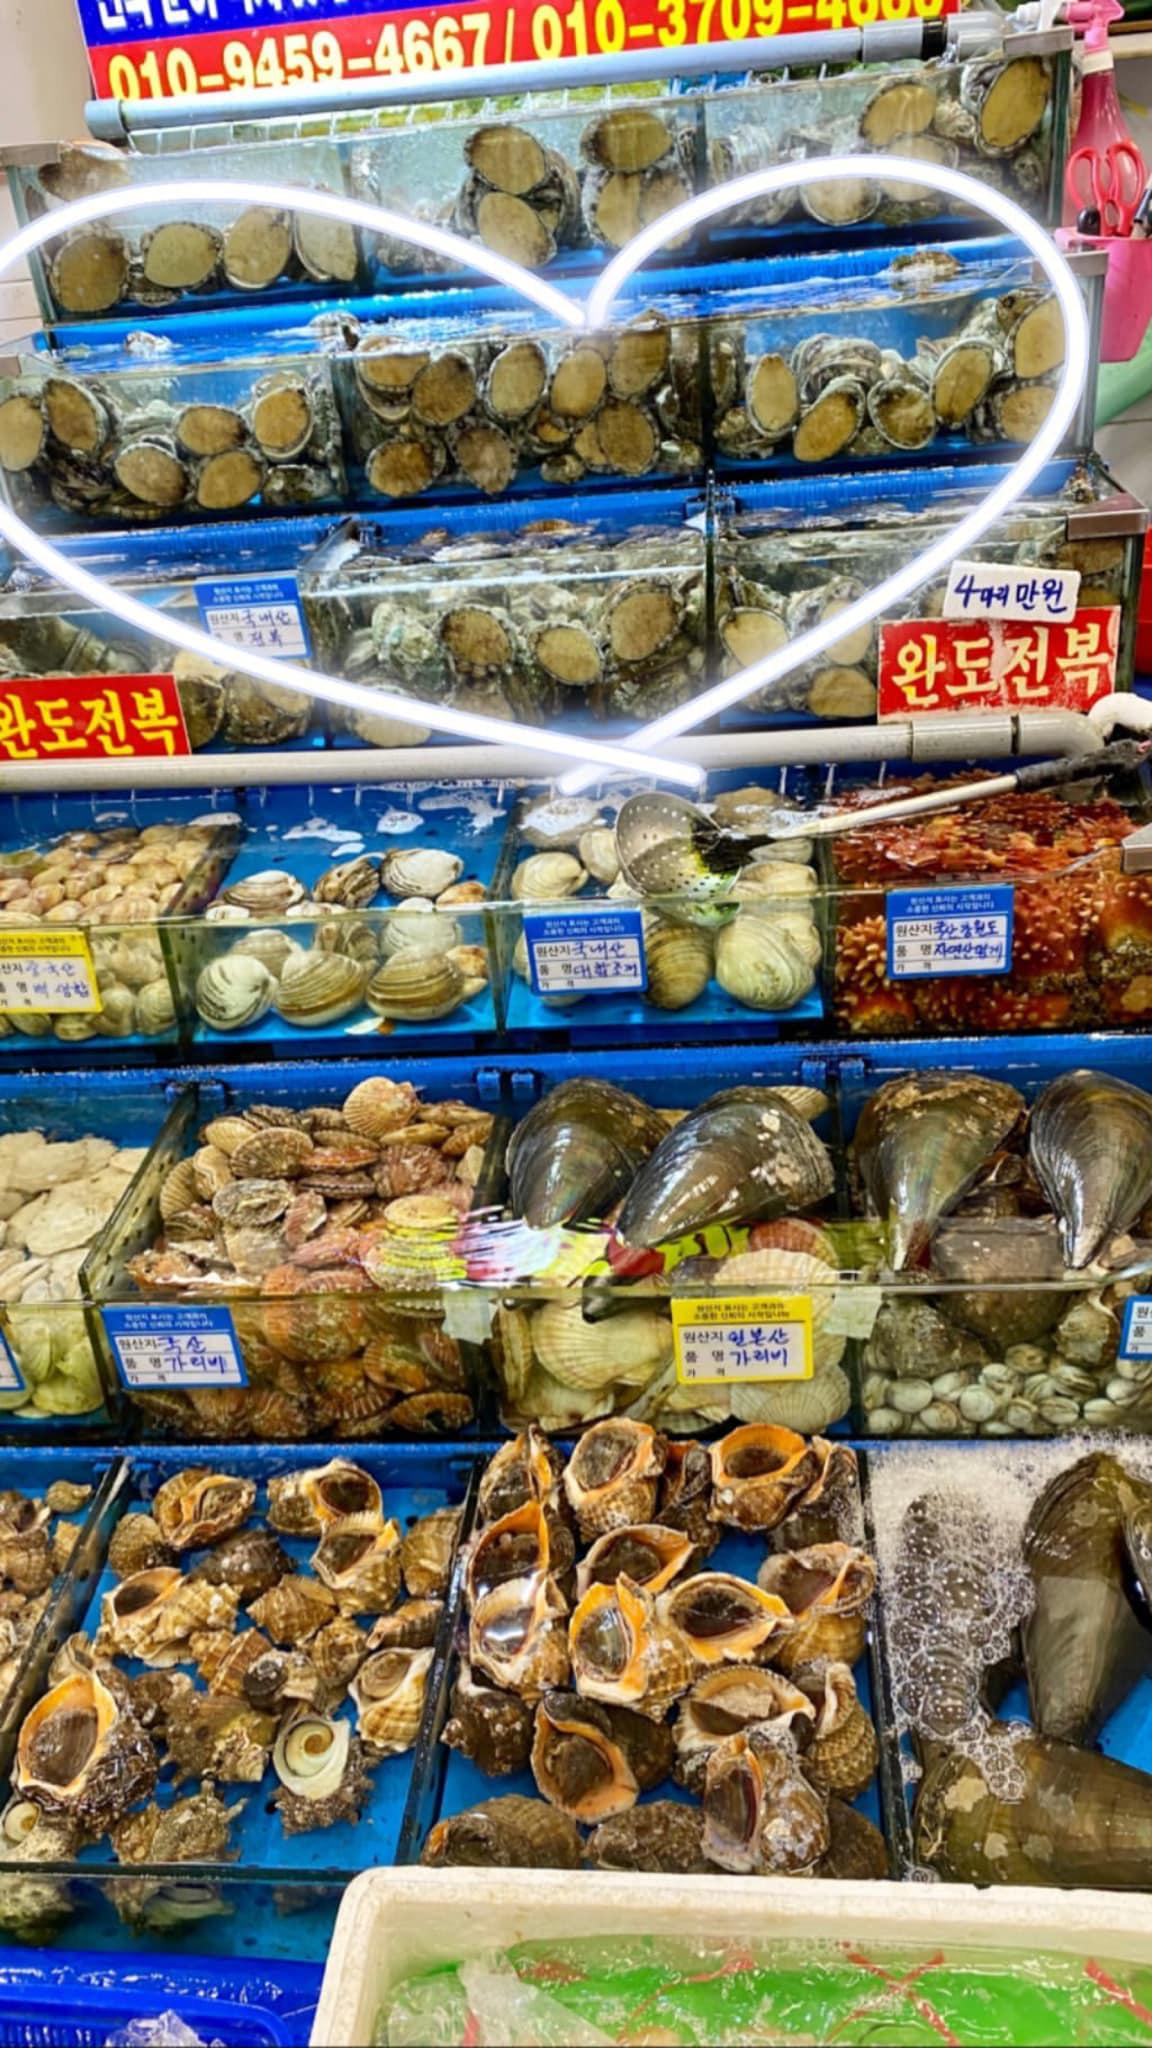 Đến chợ hải sản lớn nhất Seoul ăn cua hoàng đế mà mải mặc cả quá, mãi sau Kỳ Duyên mới phát hiện ra chú cua đã bị rụng mất một chân - Ảnh 3.